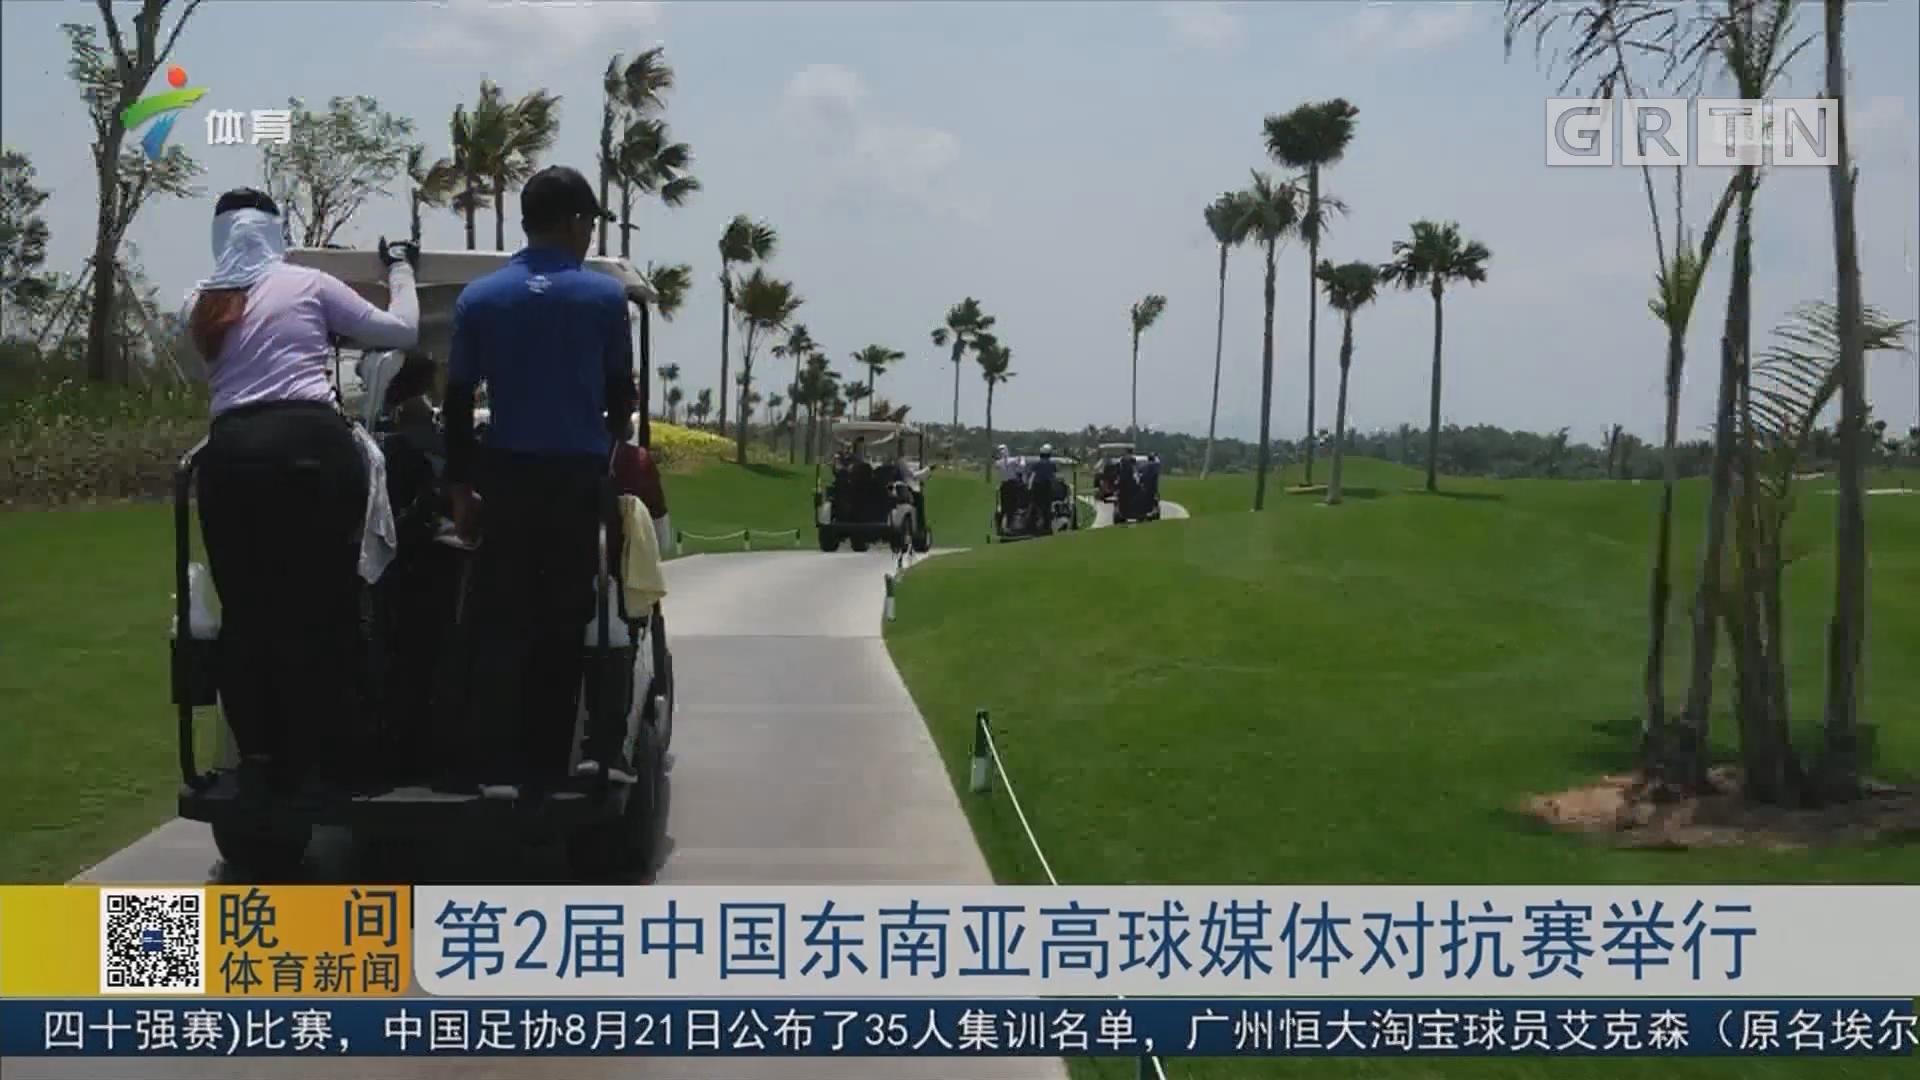 第2届中国东南亚高球媒体对抗赛举行